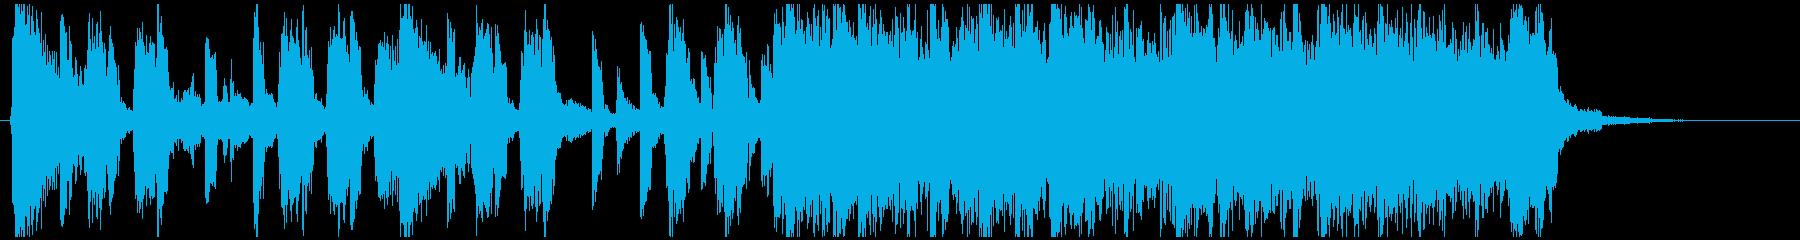 ニュース、ラジオ向き爽快な15秒ジングルの再生済みの波形